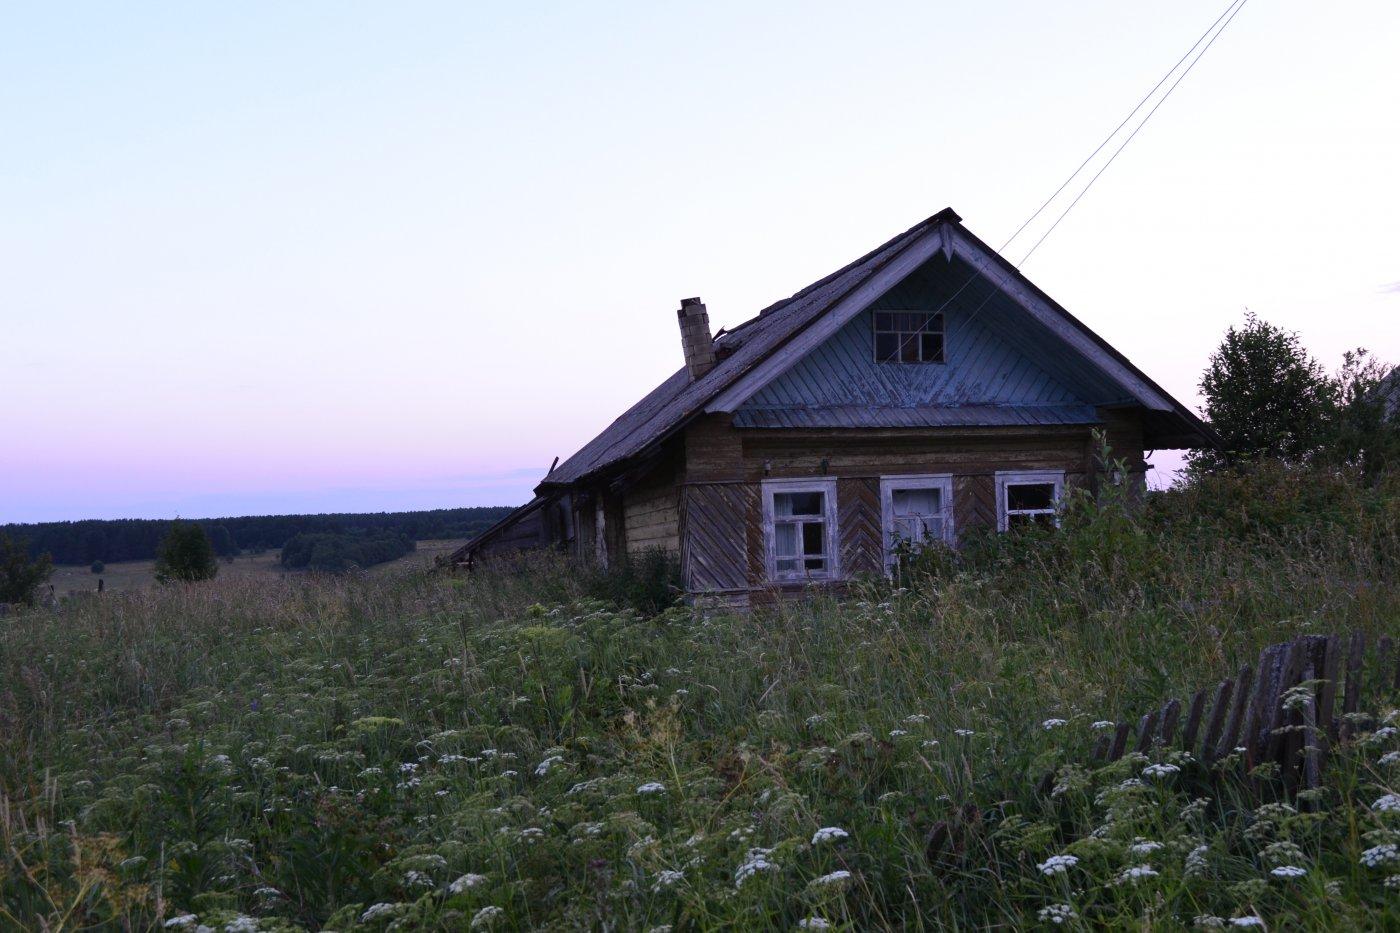 Фото DSC_0071.JPG. Россия, Вологодская область